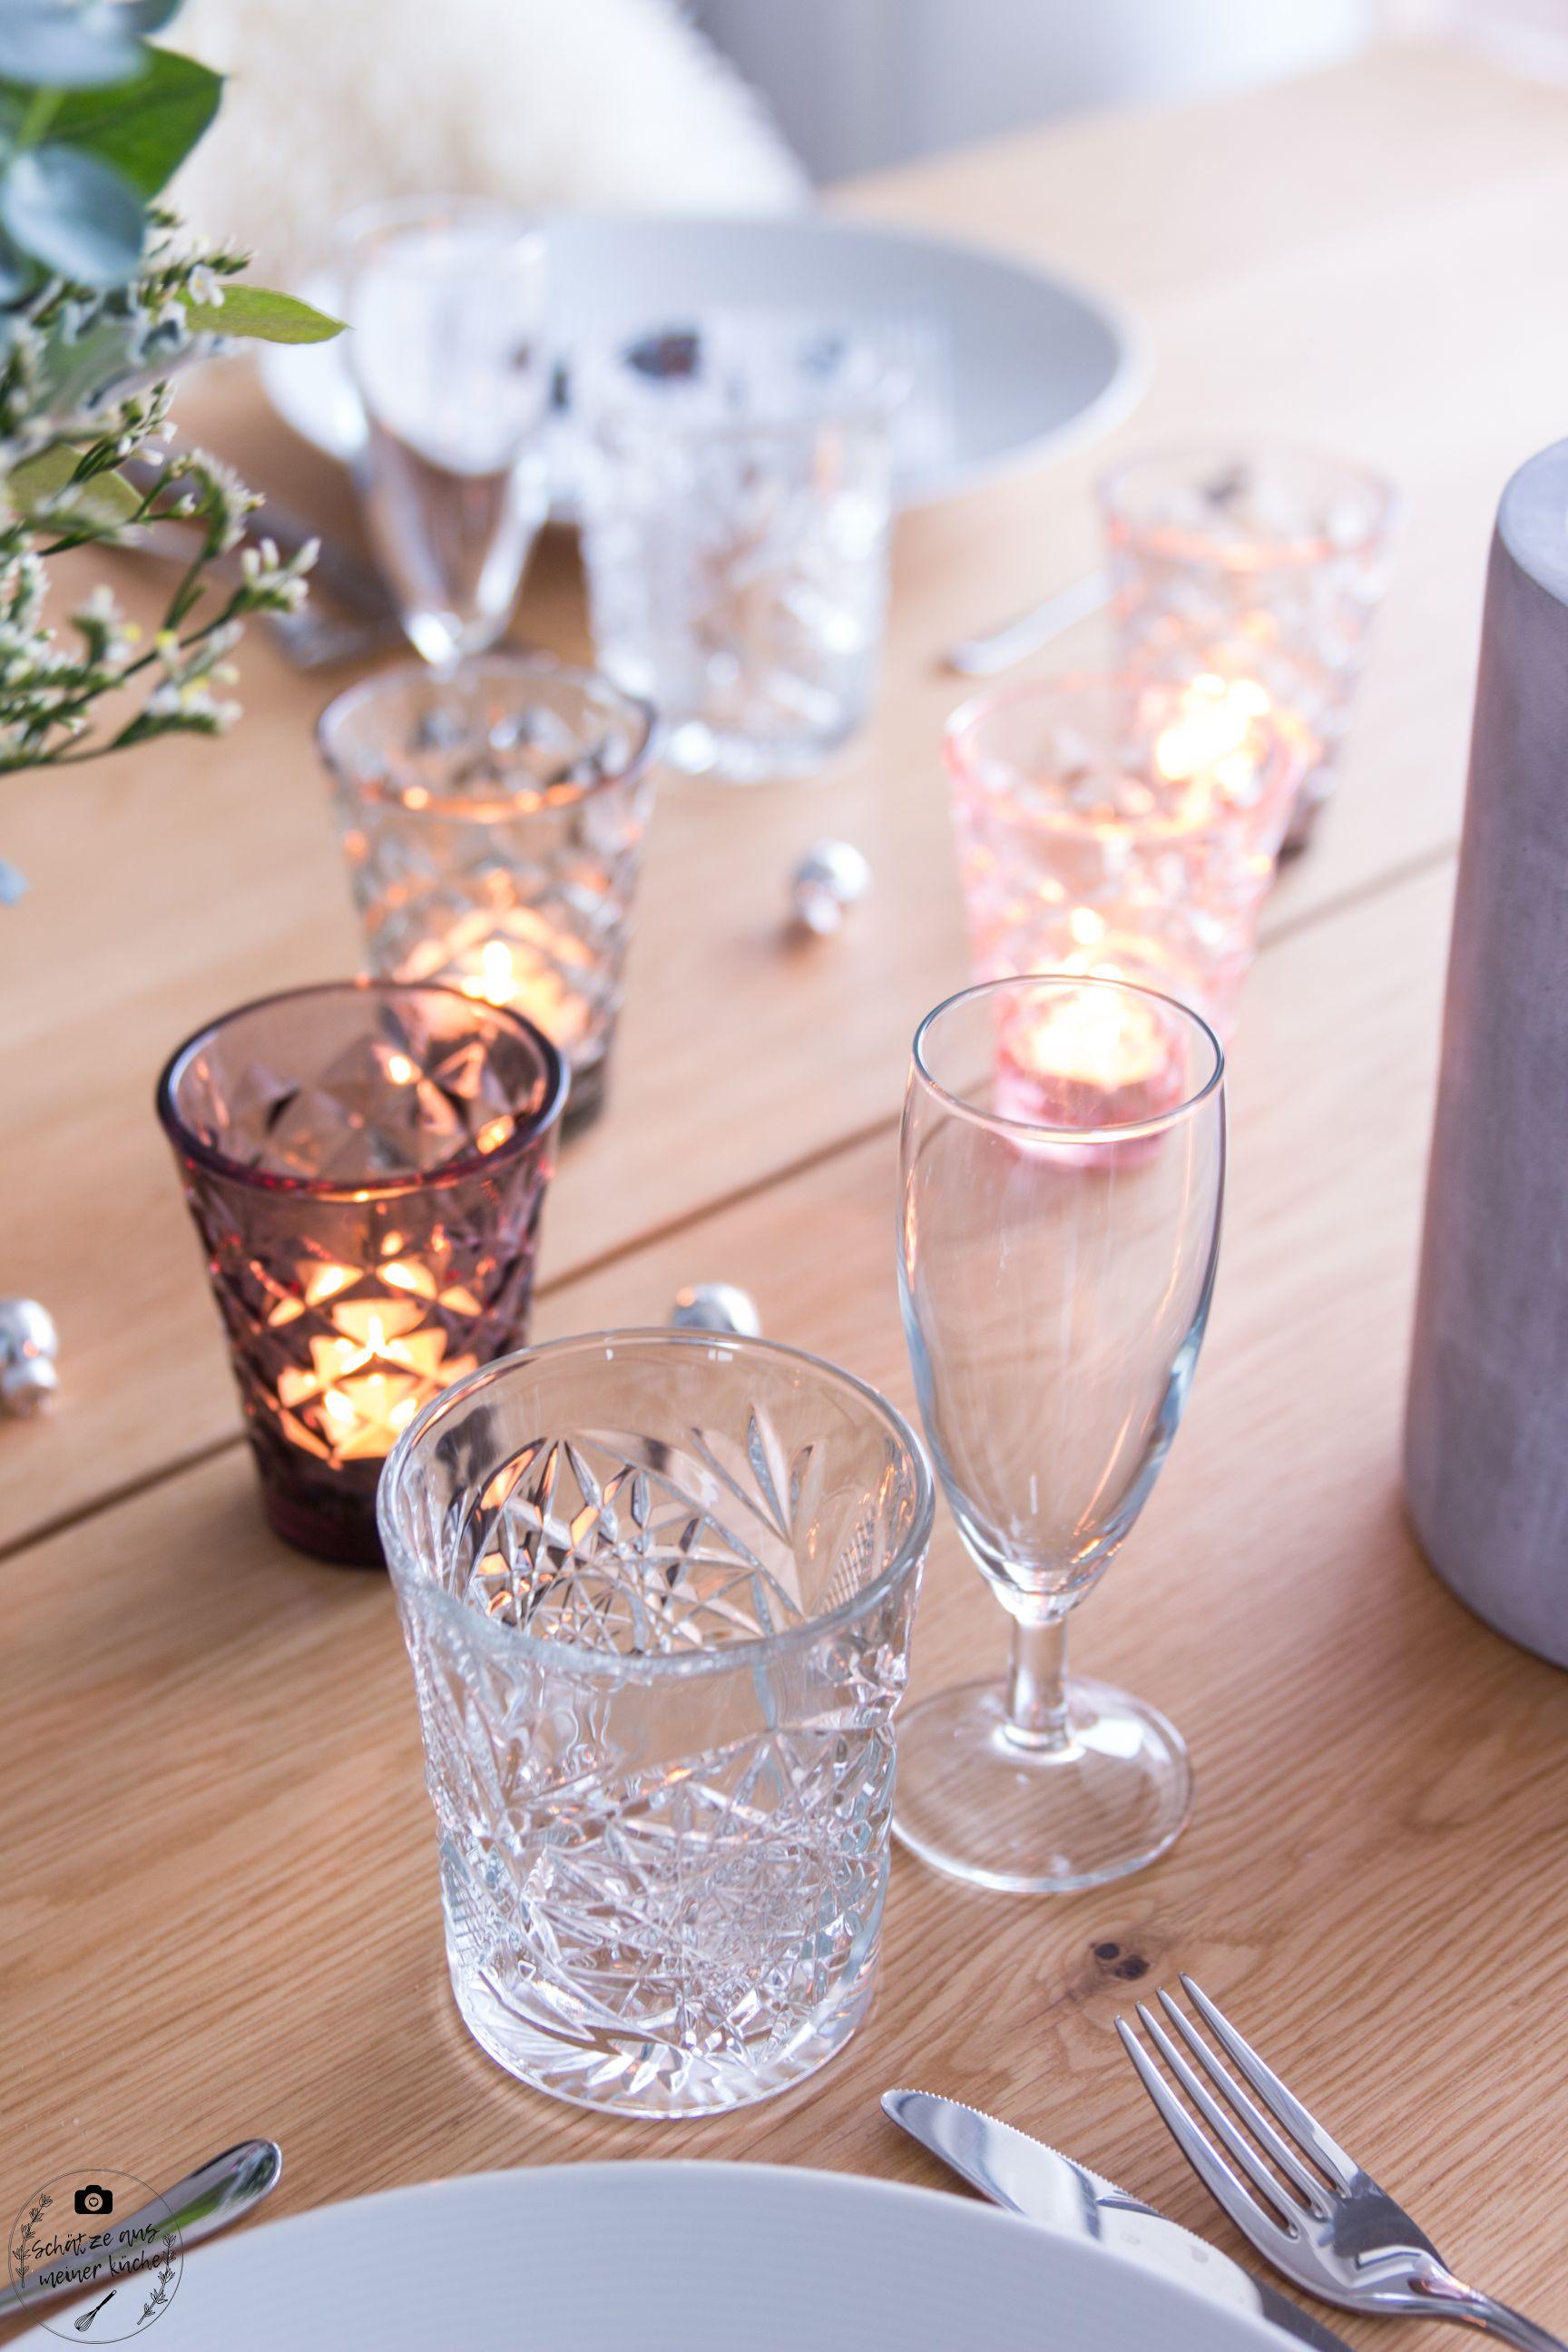 ediths Teelichtgläser tinekhome gedeckter Weihnachts Tisch